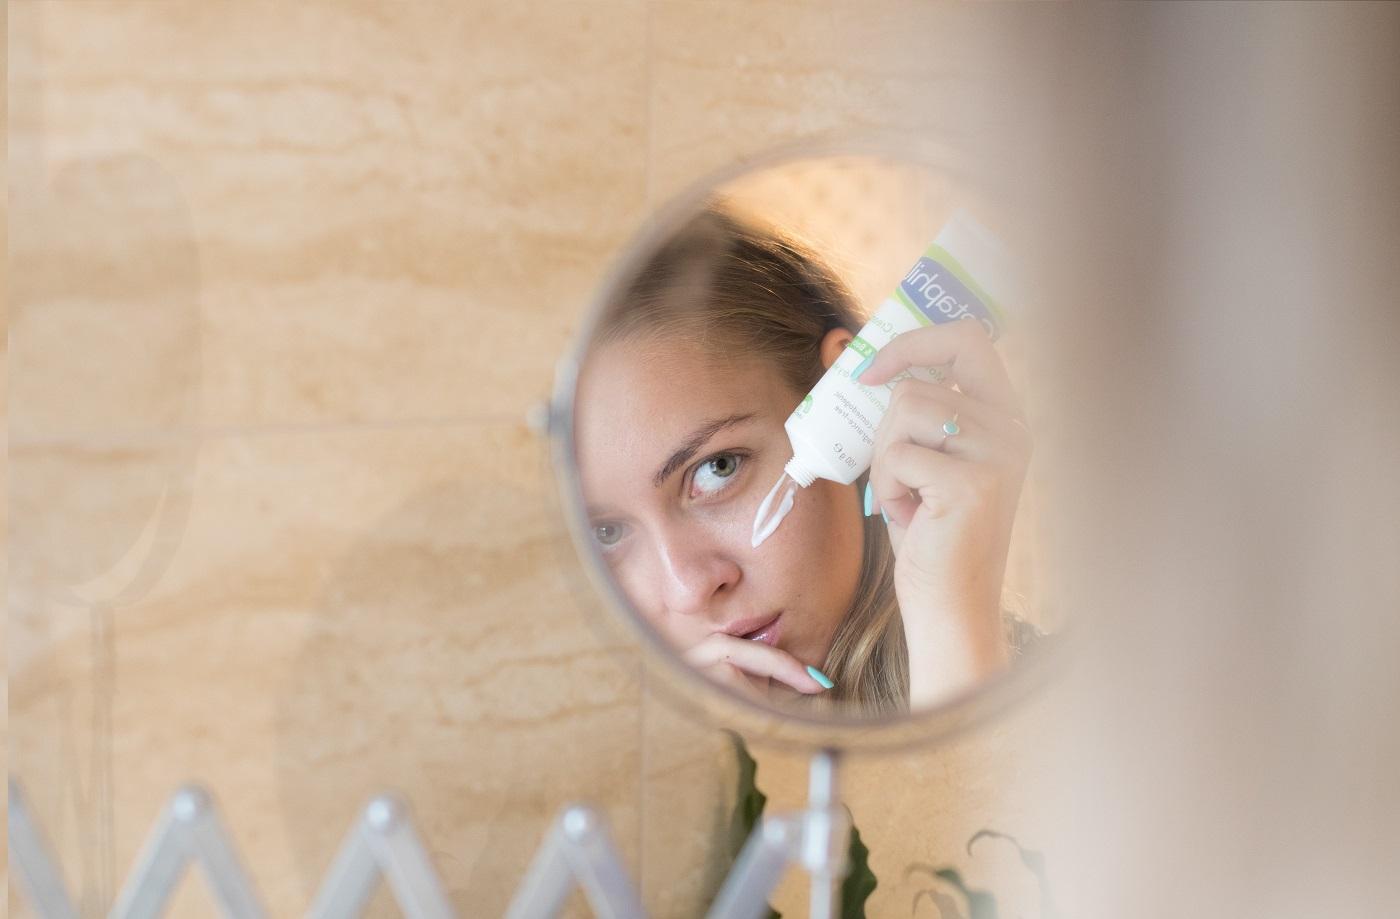 hogyan kell kezelni az exudativ pikkelysömör